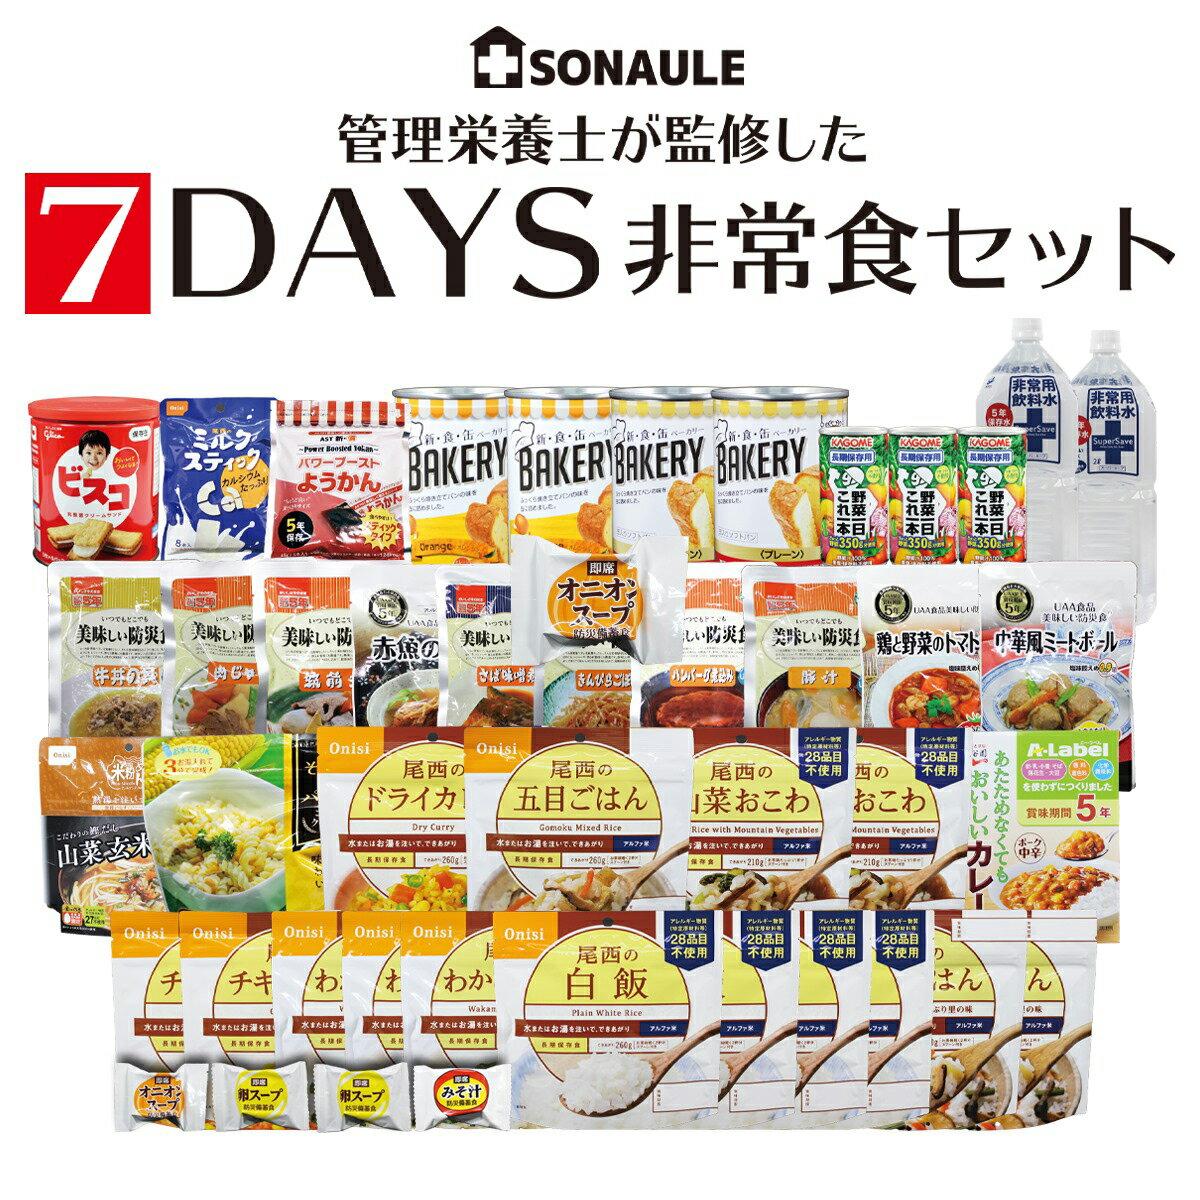 SONAULE 【管理栄養士が監修】 長期保存 非常食セット